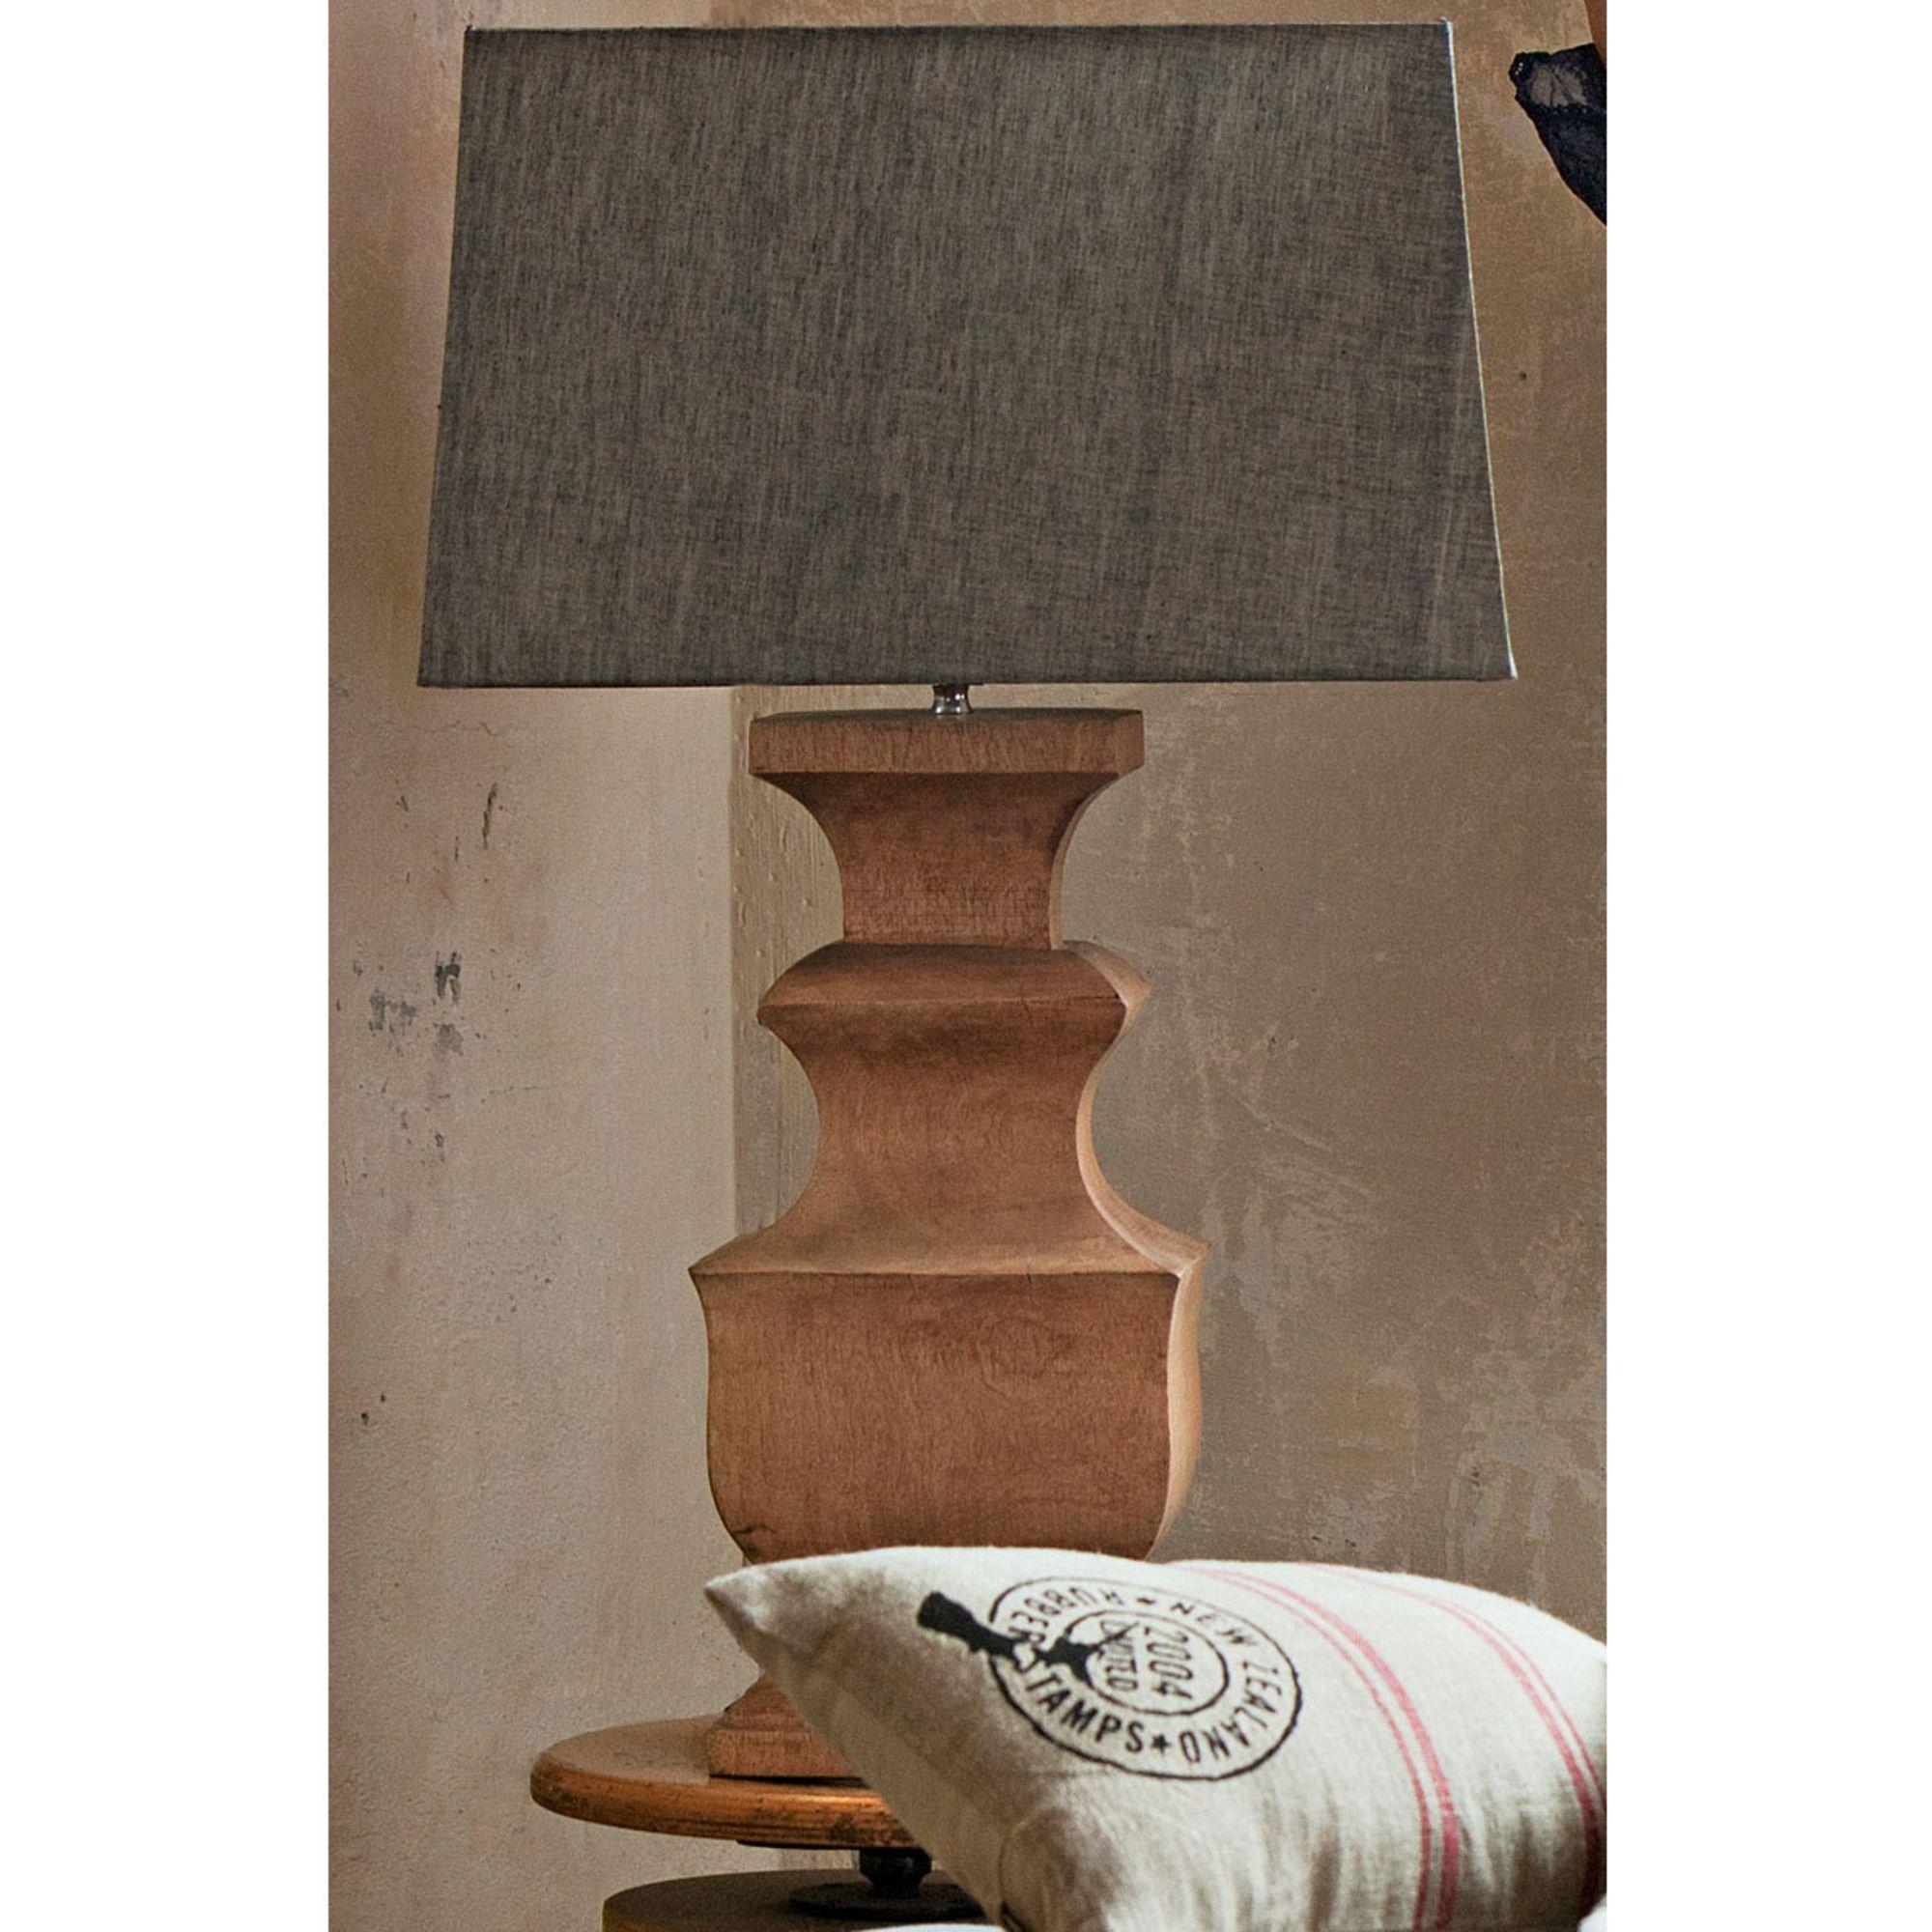 Superb Tischleuchte Mit Extravagantem Edlem Holzfuß. Home Design Ideas